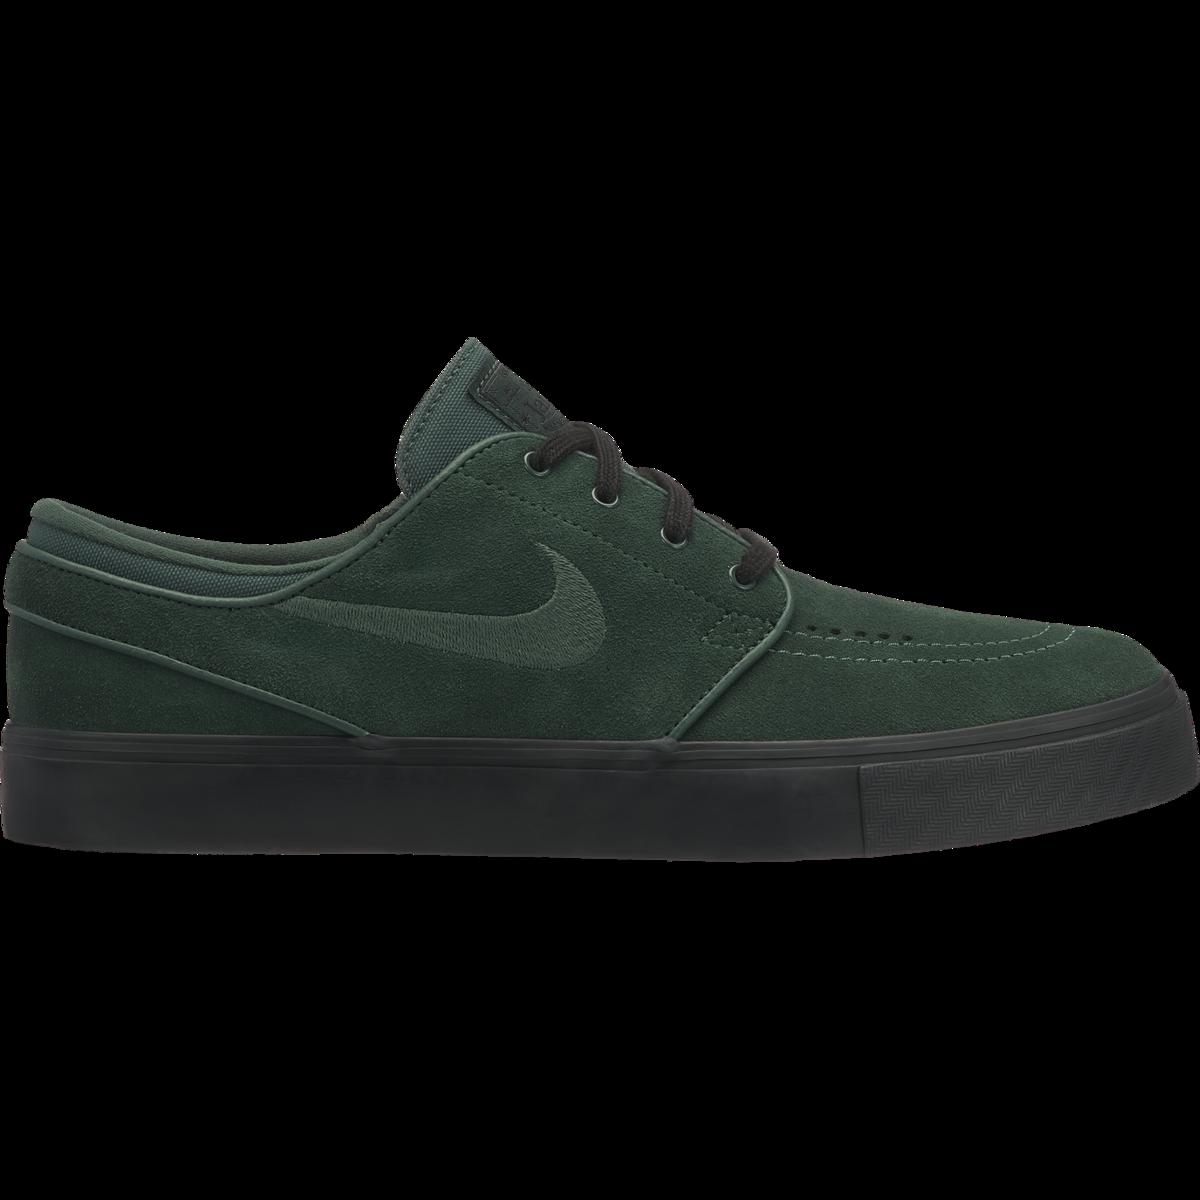 fa1231fae3b9 Nike SB Stefan Janoski - Midnight Green Black